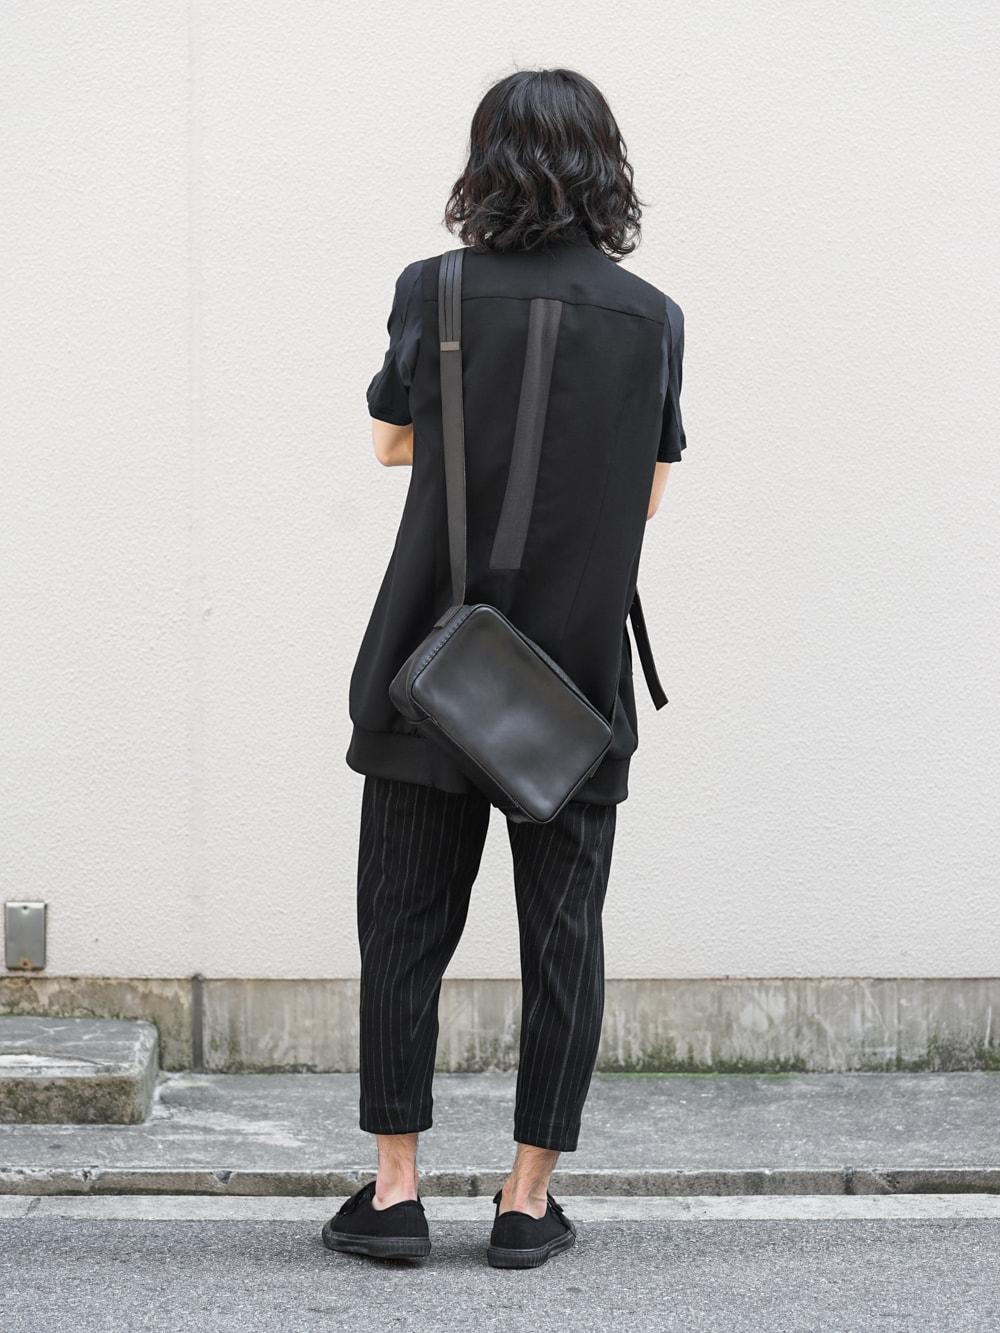 DEVOA 17SS Sporty Vest  back style 01